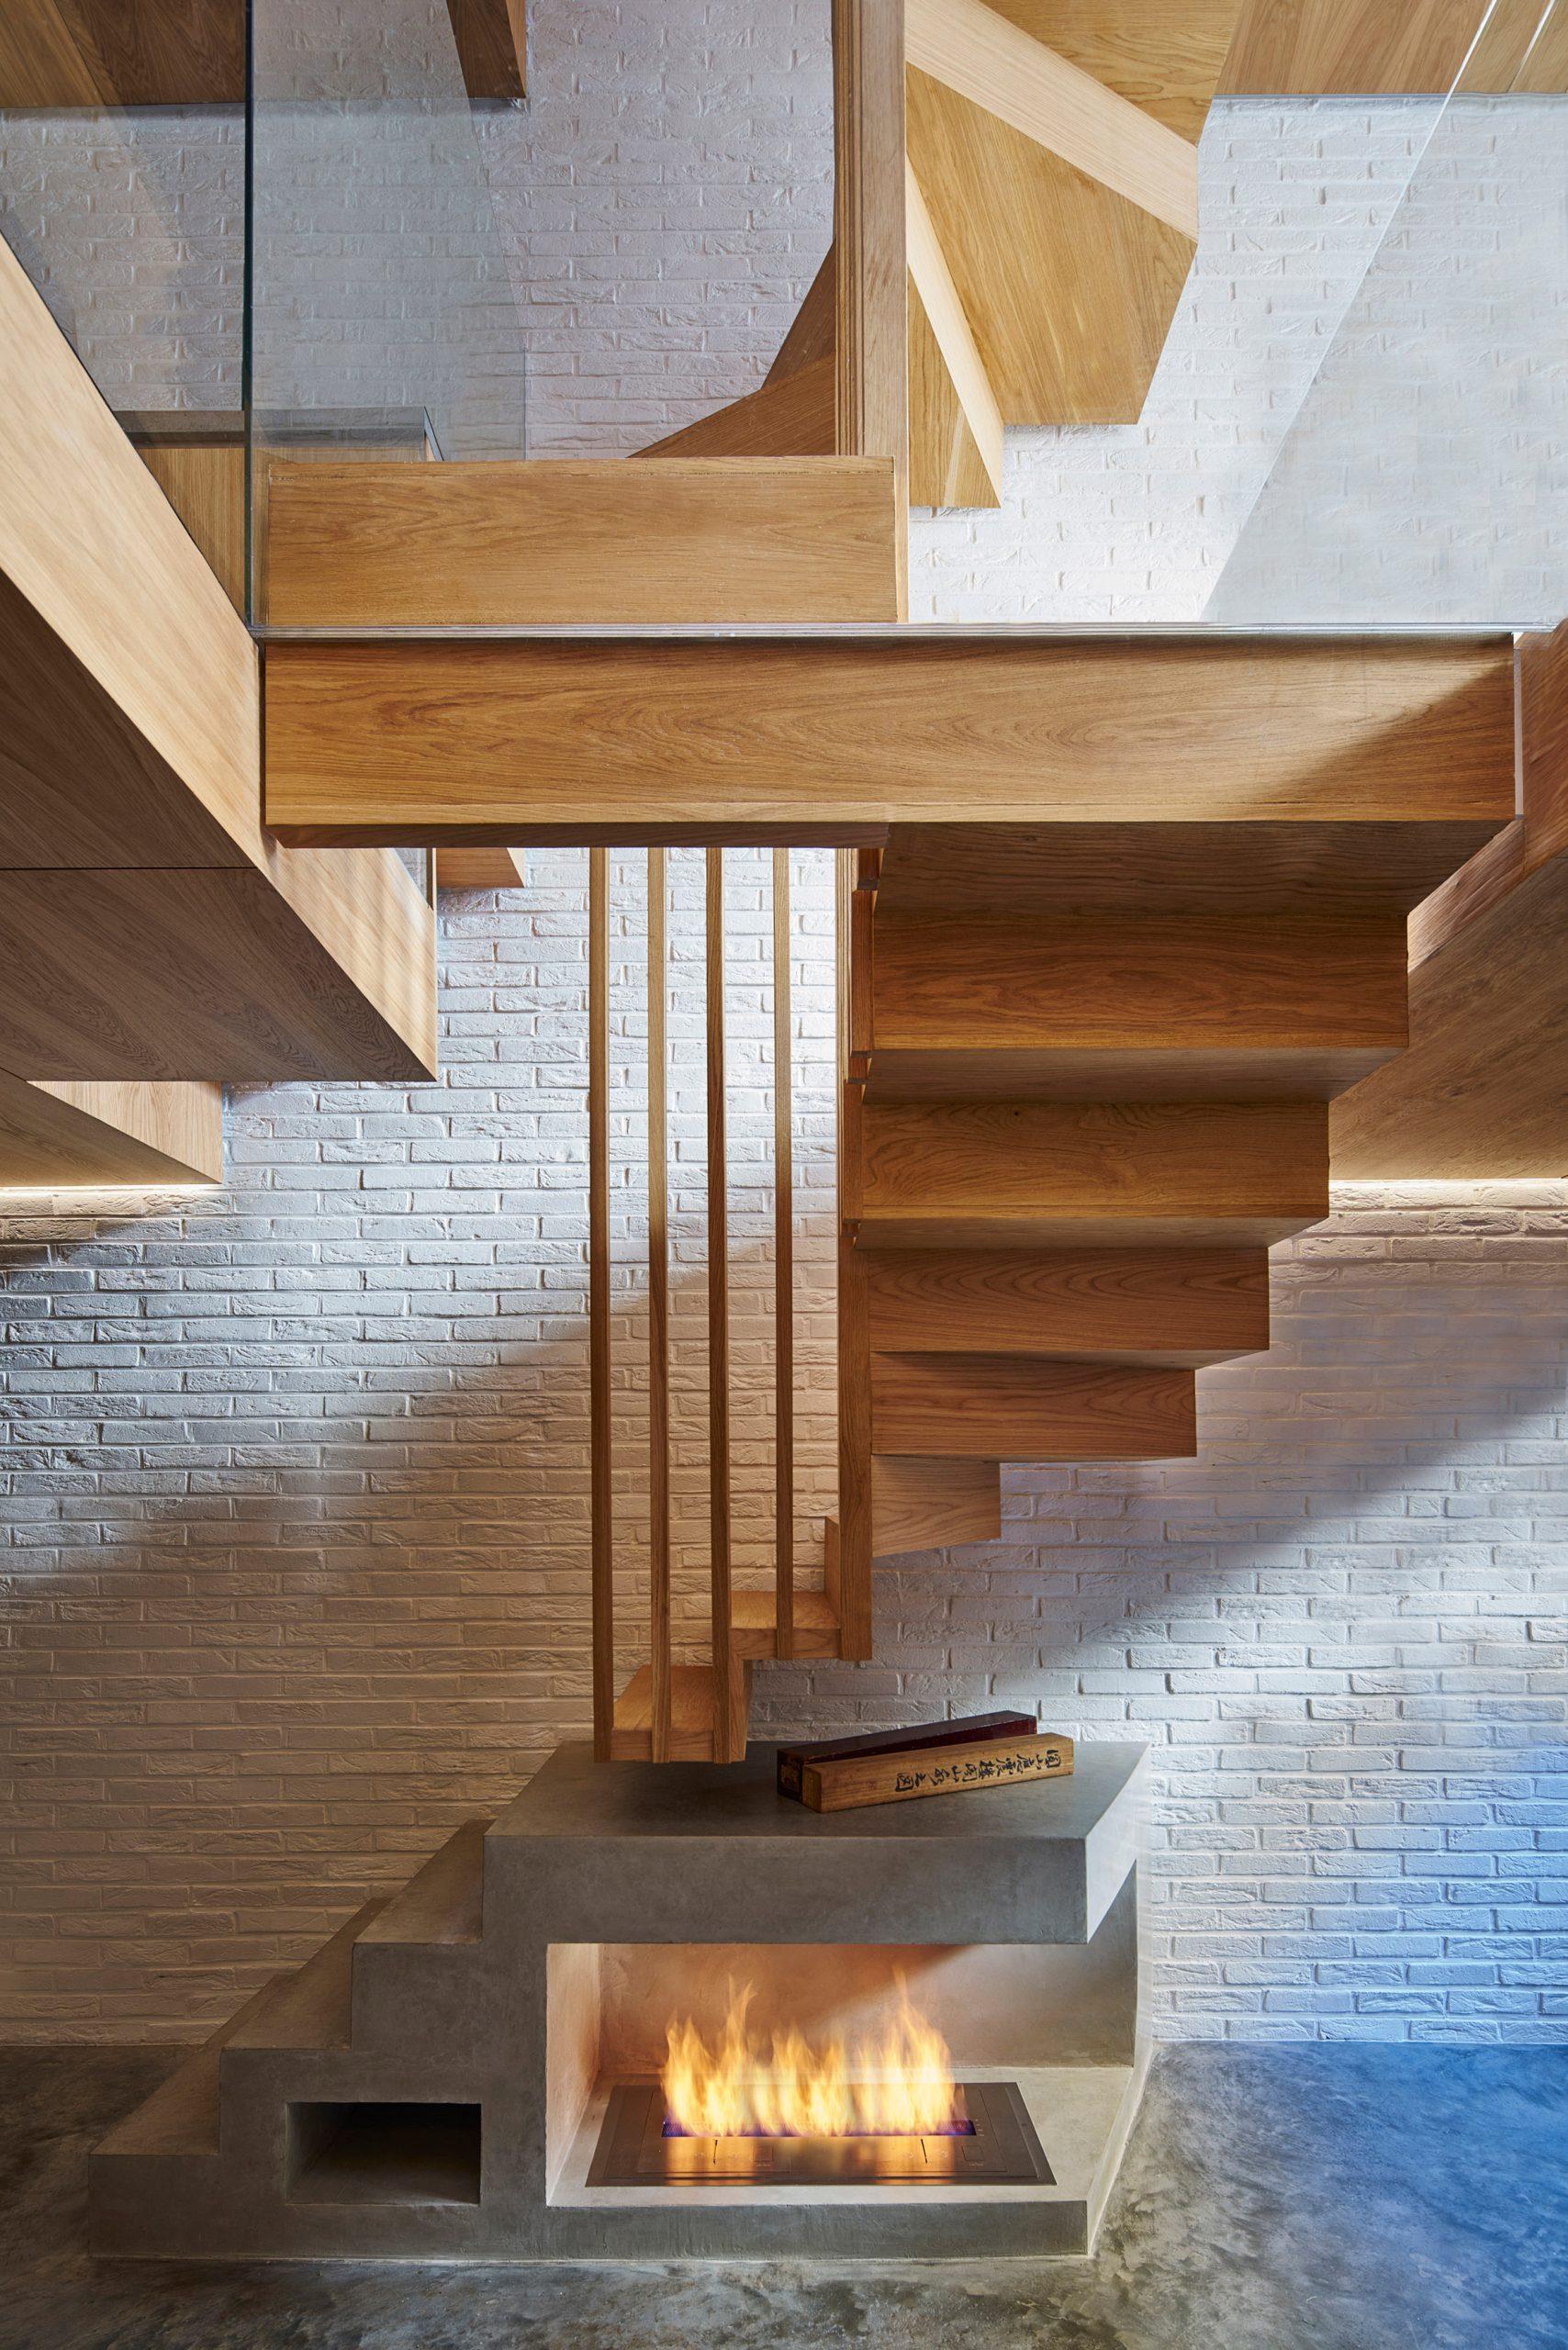 Thiết kế nhà gỗ hiện đại 3